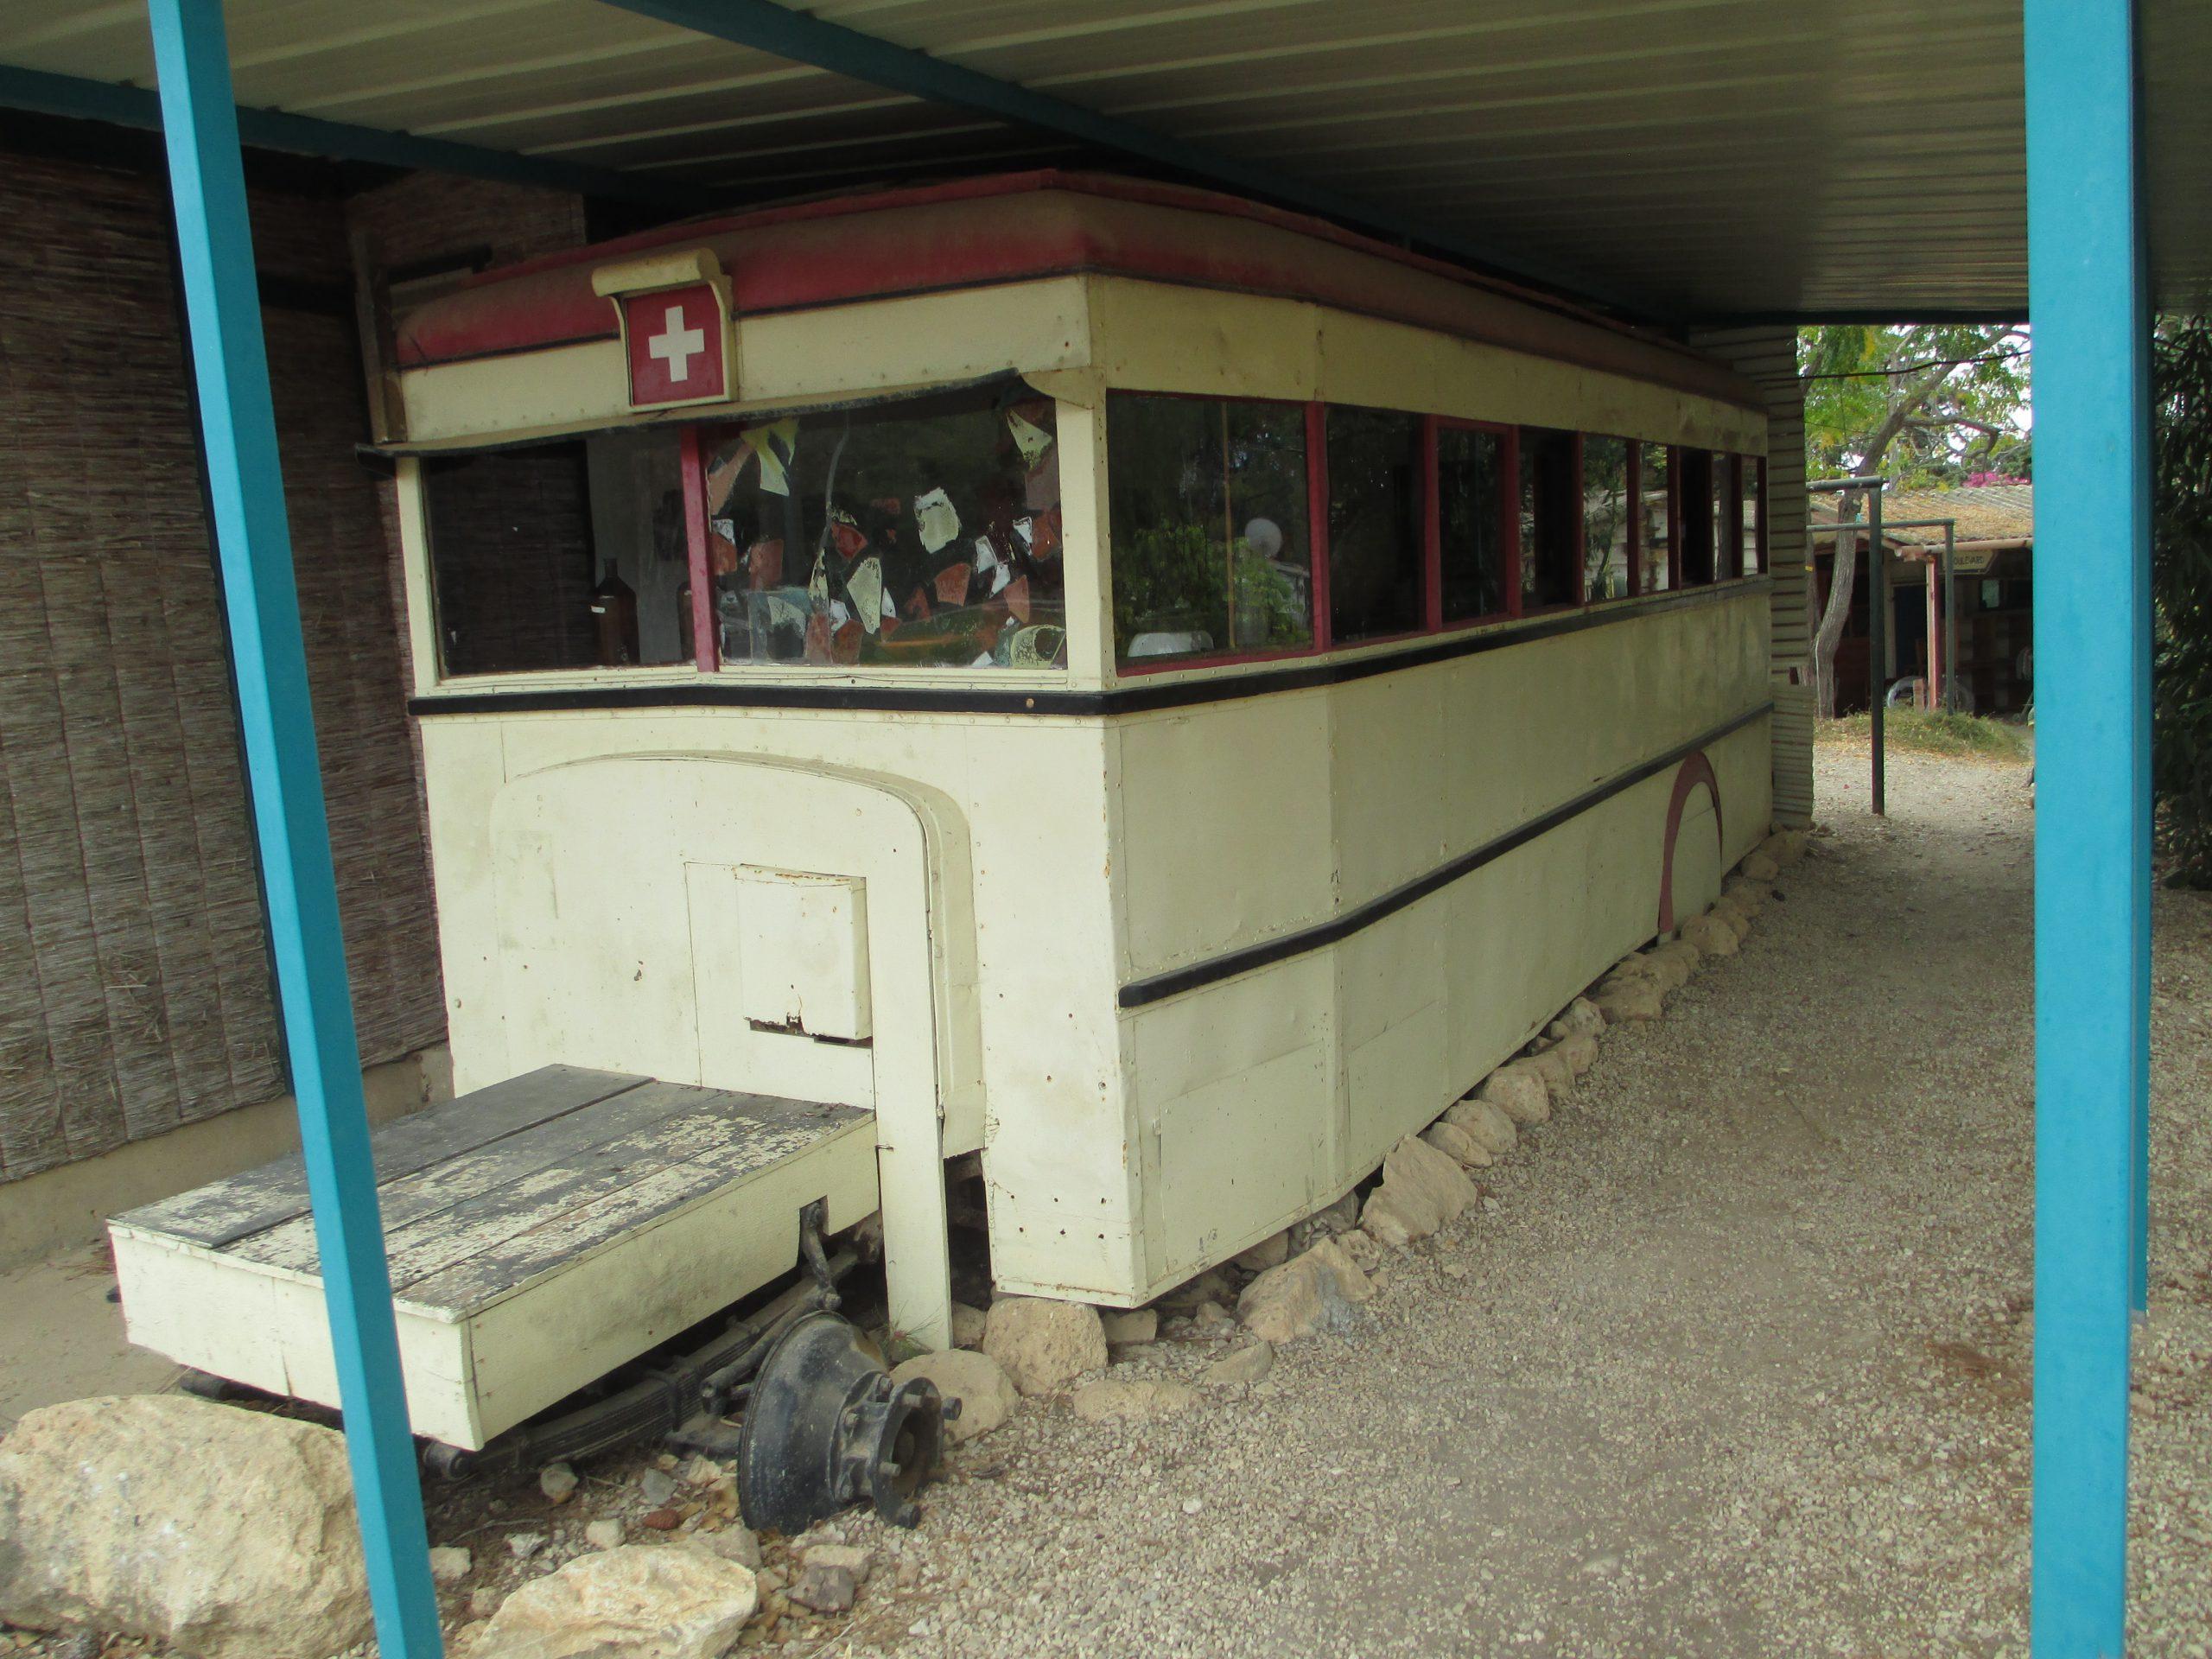 האוטובוס השווייצרי בנס עמים